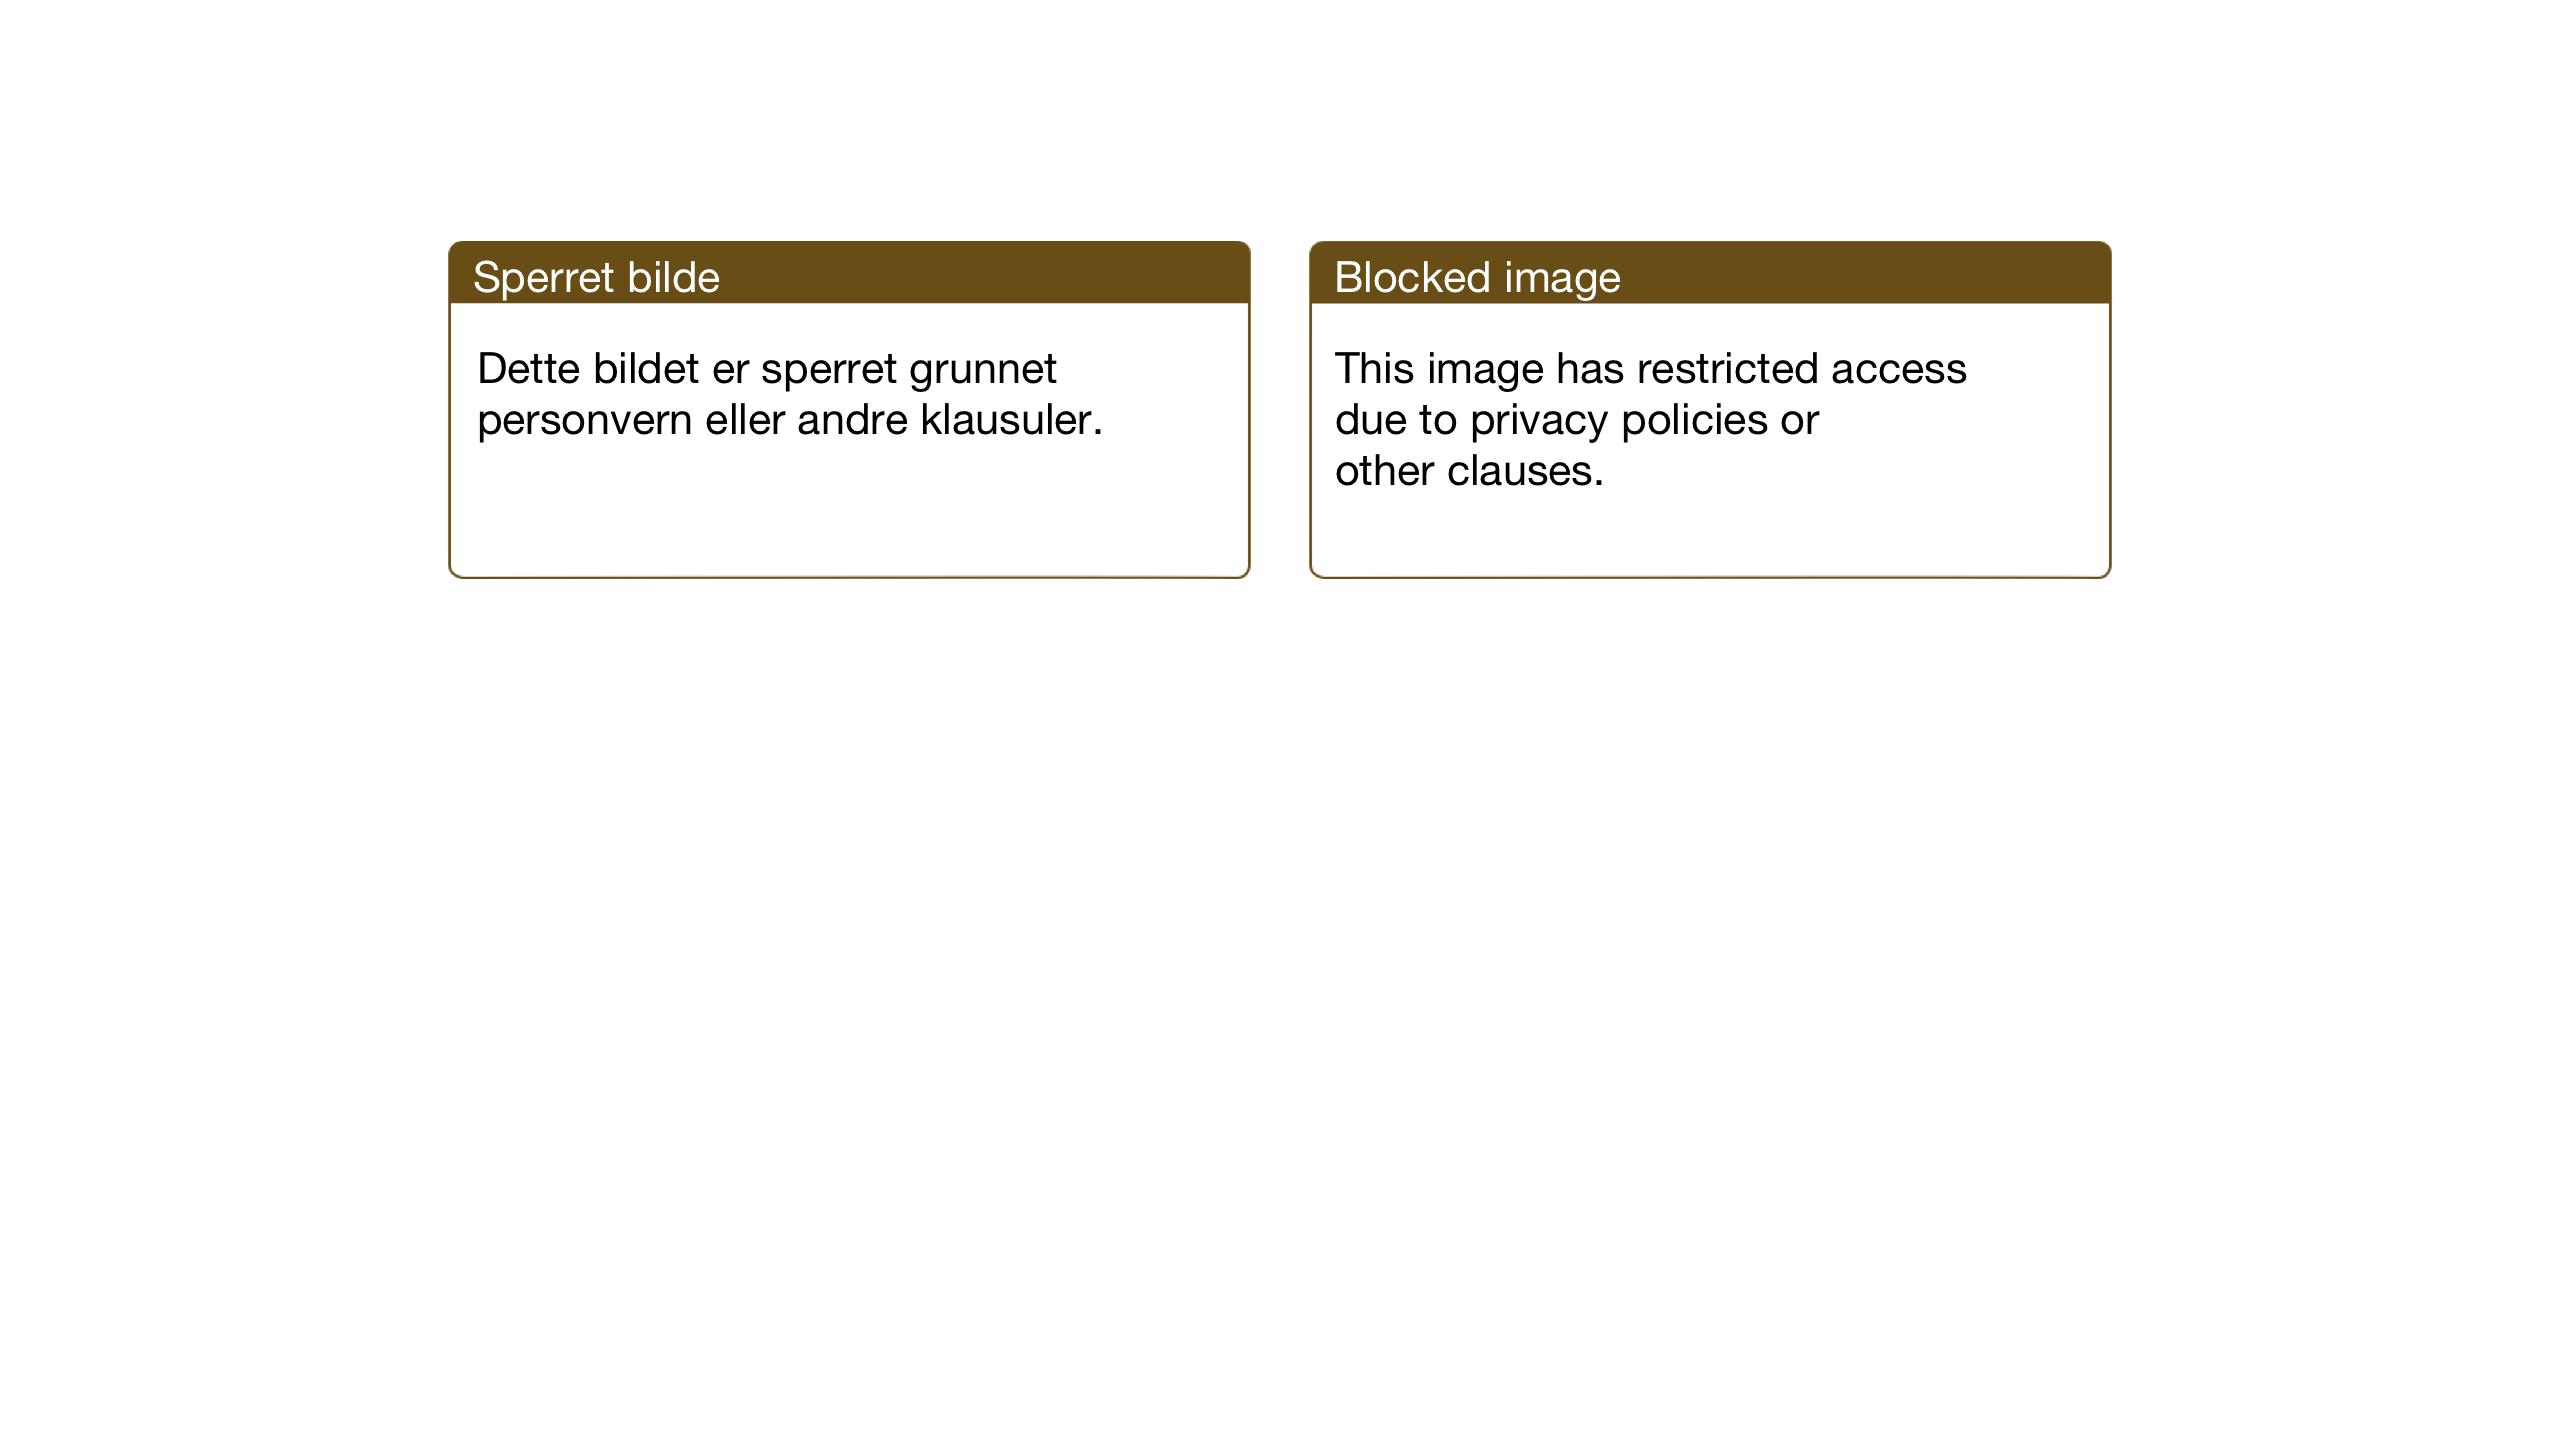 SAT, Ministerialprotokoller, klokkerbøker og fødselsregistre - Nord-Trøndelag, 714/L0136: Klokkerbok nr. 714C05, 1918-1957, s. 26